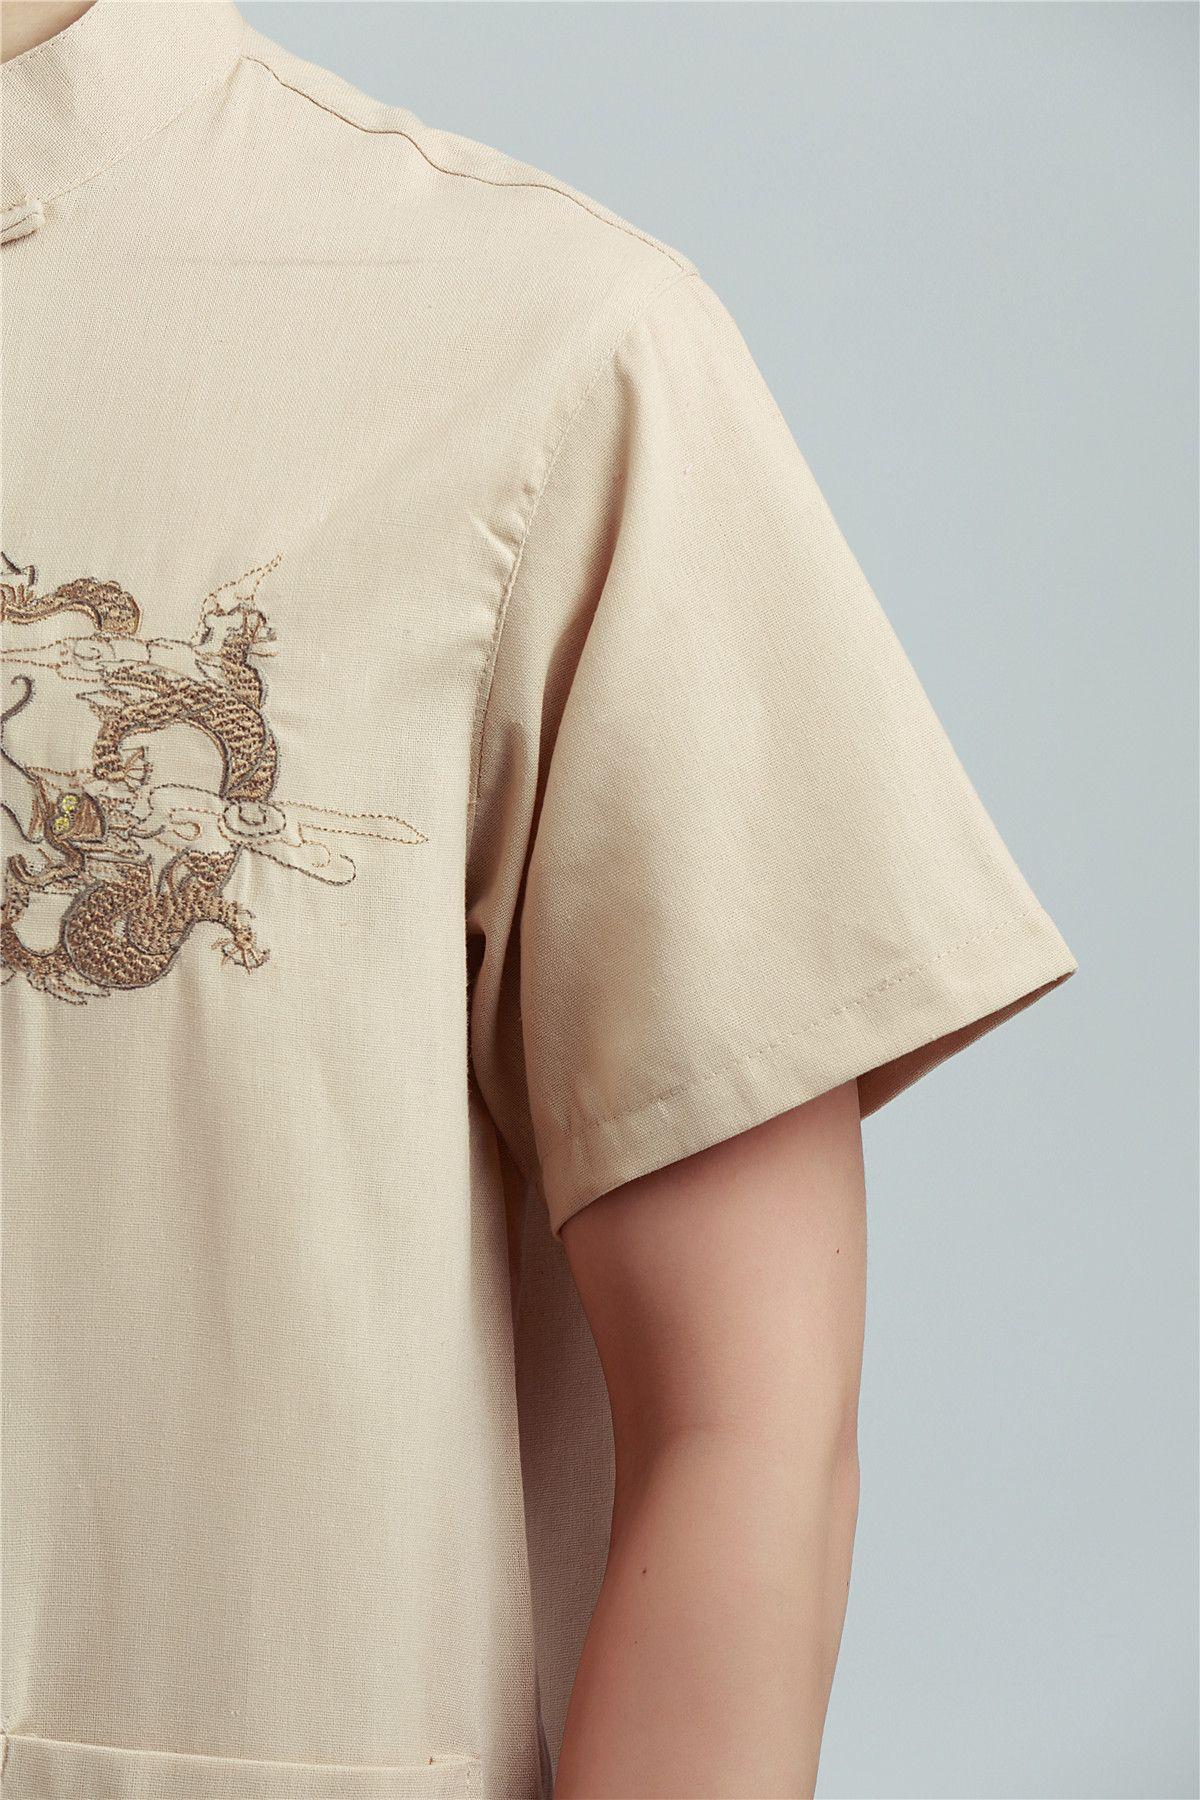 Histoire de Shanghai broderie de Dragon de l'homme Top chinois traditionnel top mâle chinois kungfu chemise chemise chinoise pour les hommes Dragon Shirt